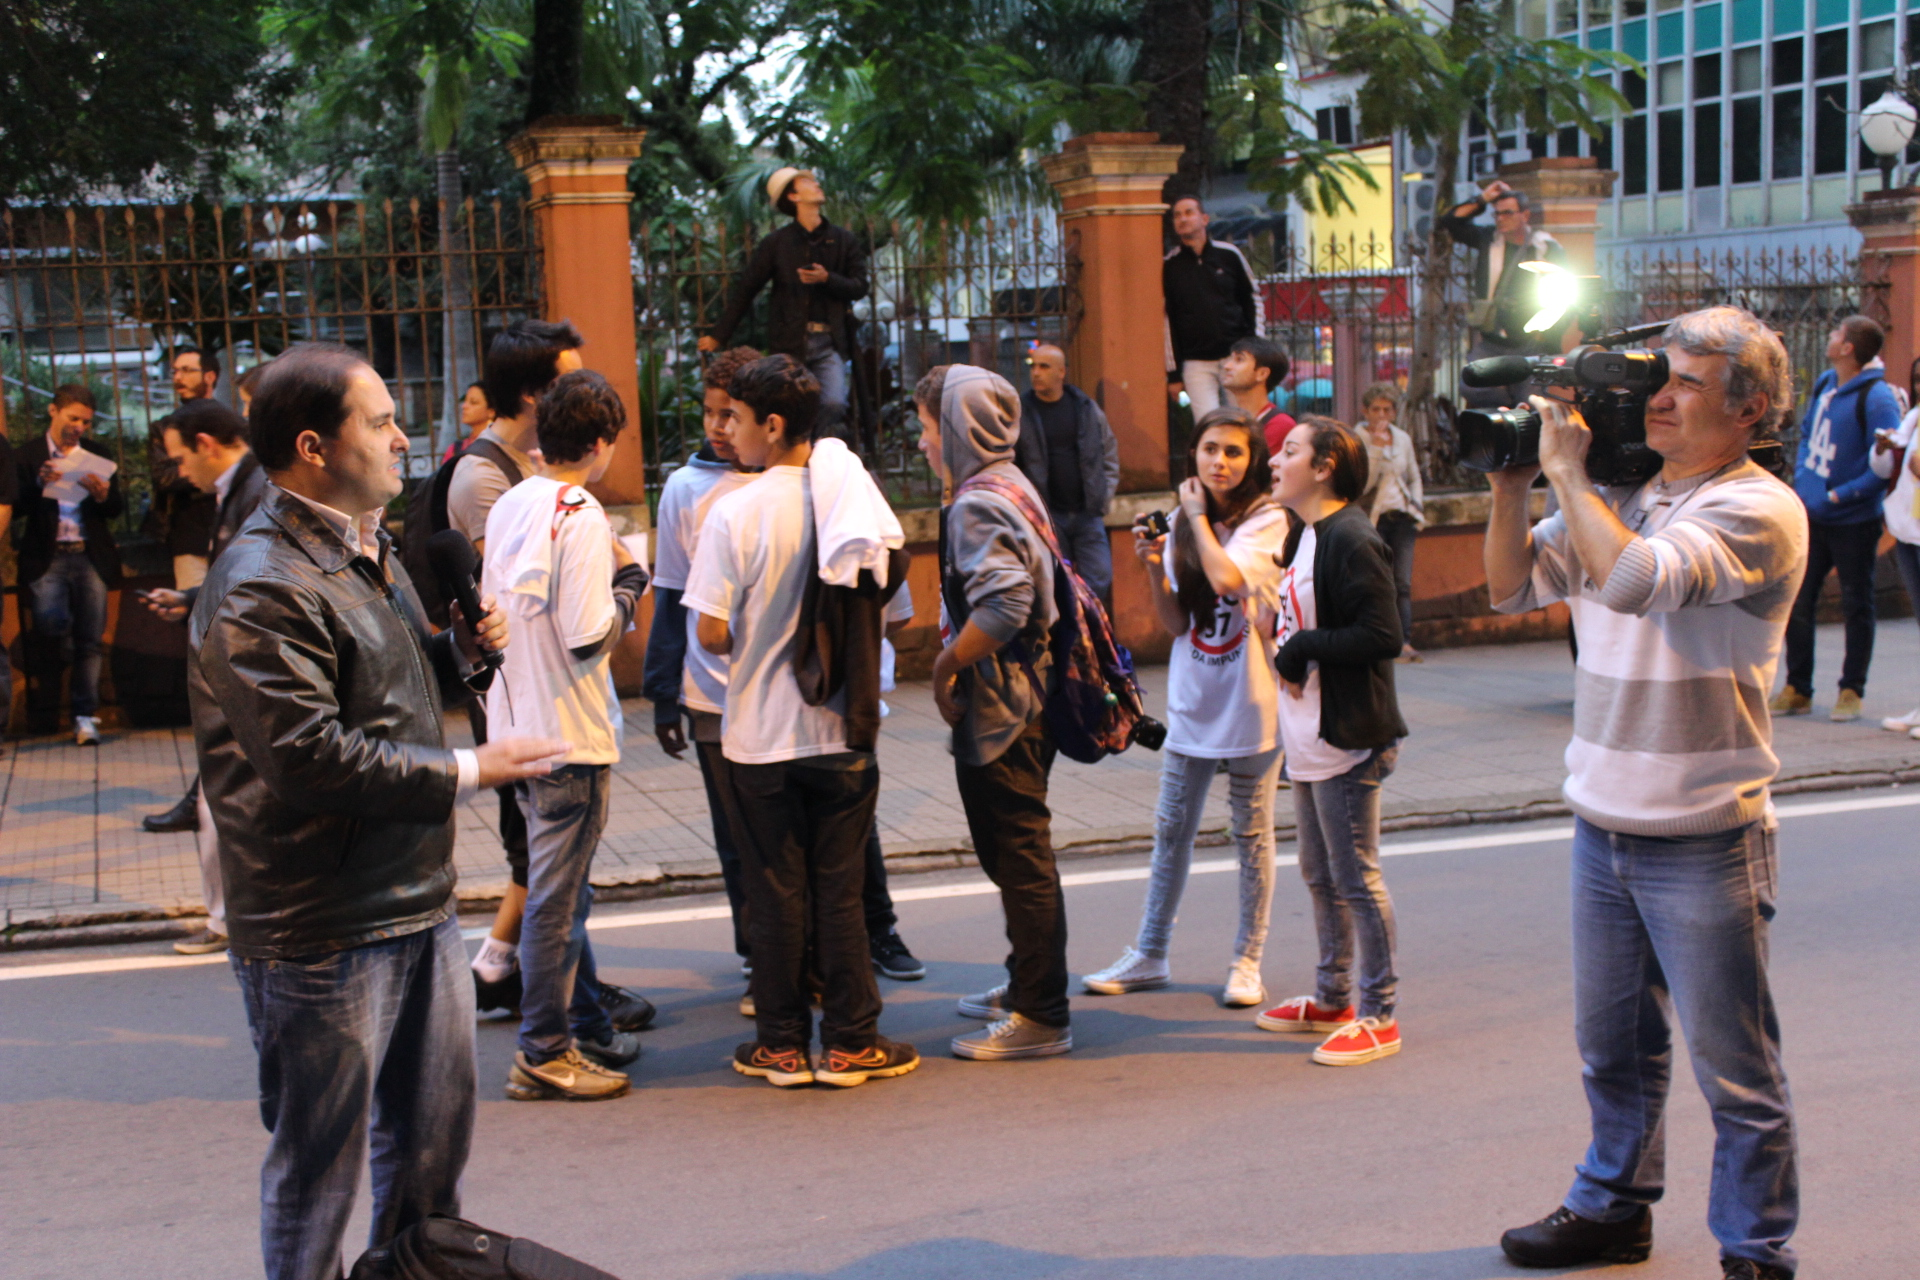 Enquanto a manifesta§£o ocorria na frente da prefeitura o reporter fazia uma chamada de uma outra matéria